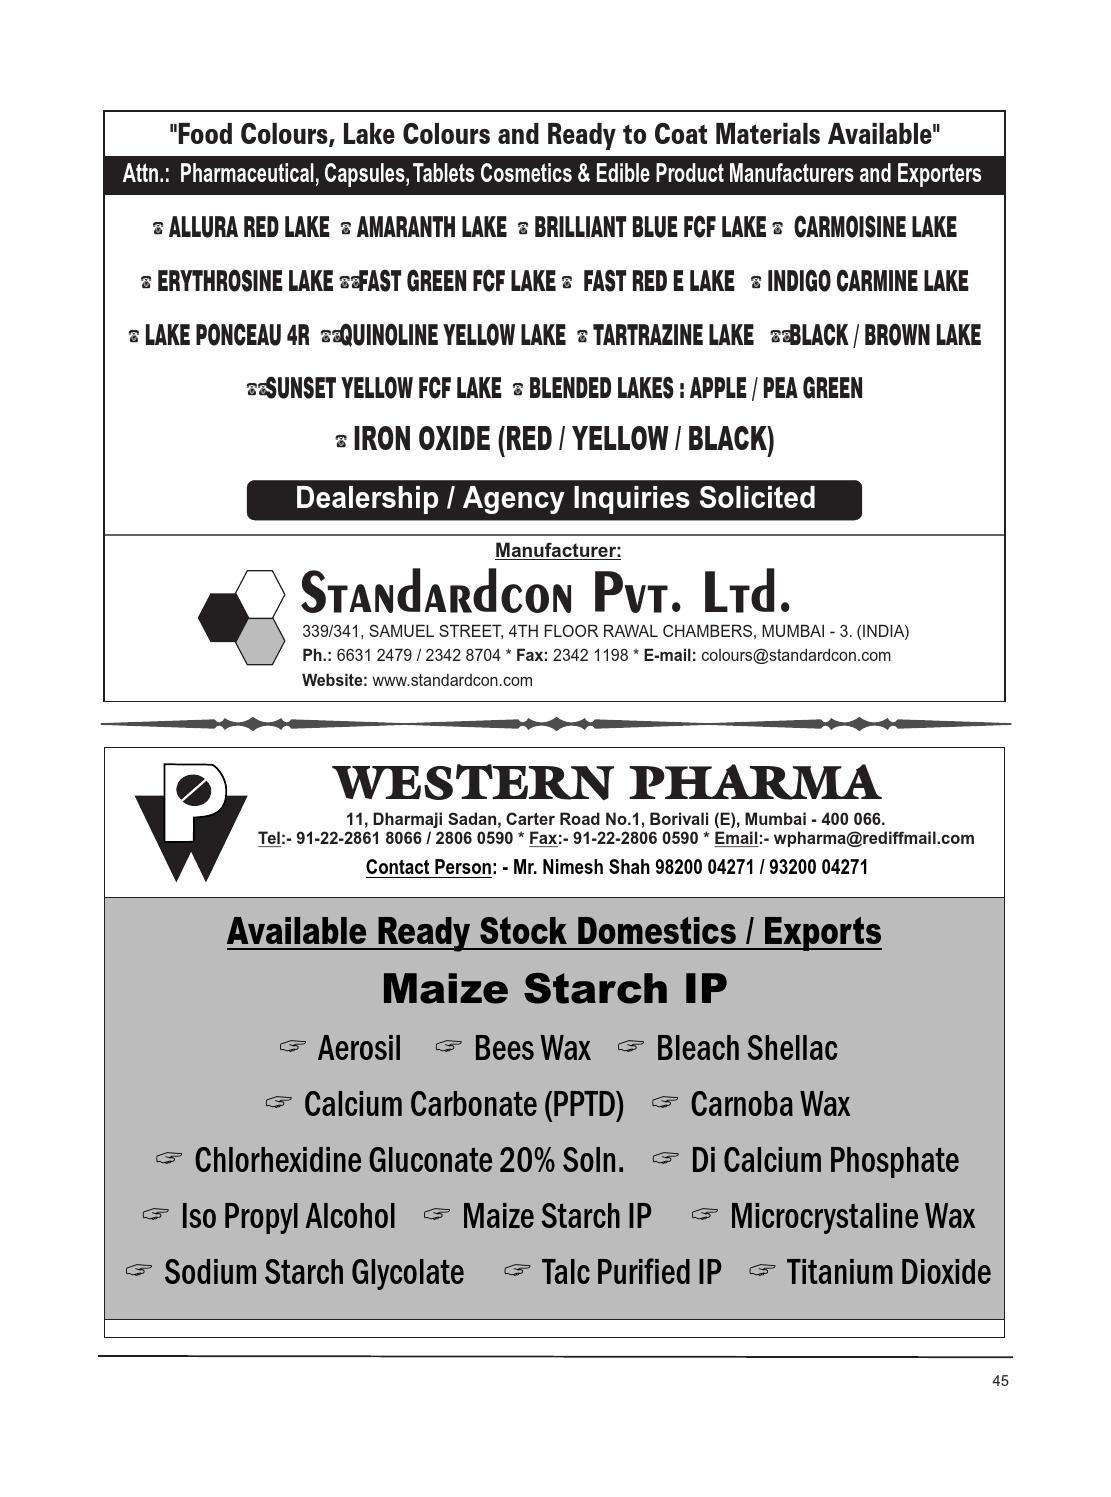 The mazda pharma guide13 april 19 april 2015 by The Mazada